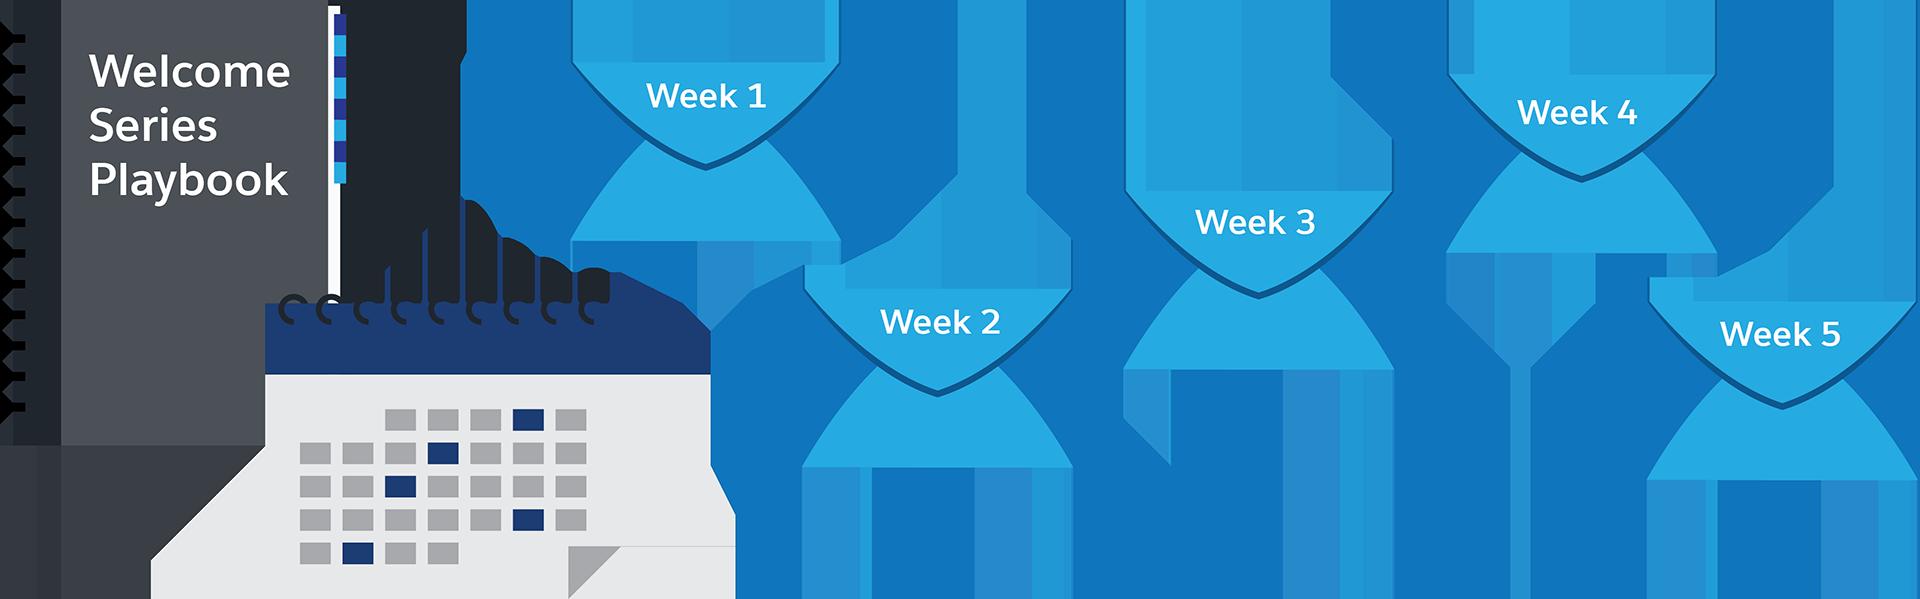 Calendário, livro e e-mails, criando uma série de e-mails de boas-vindas enviados em horários diferentes.